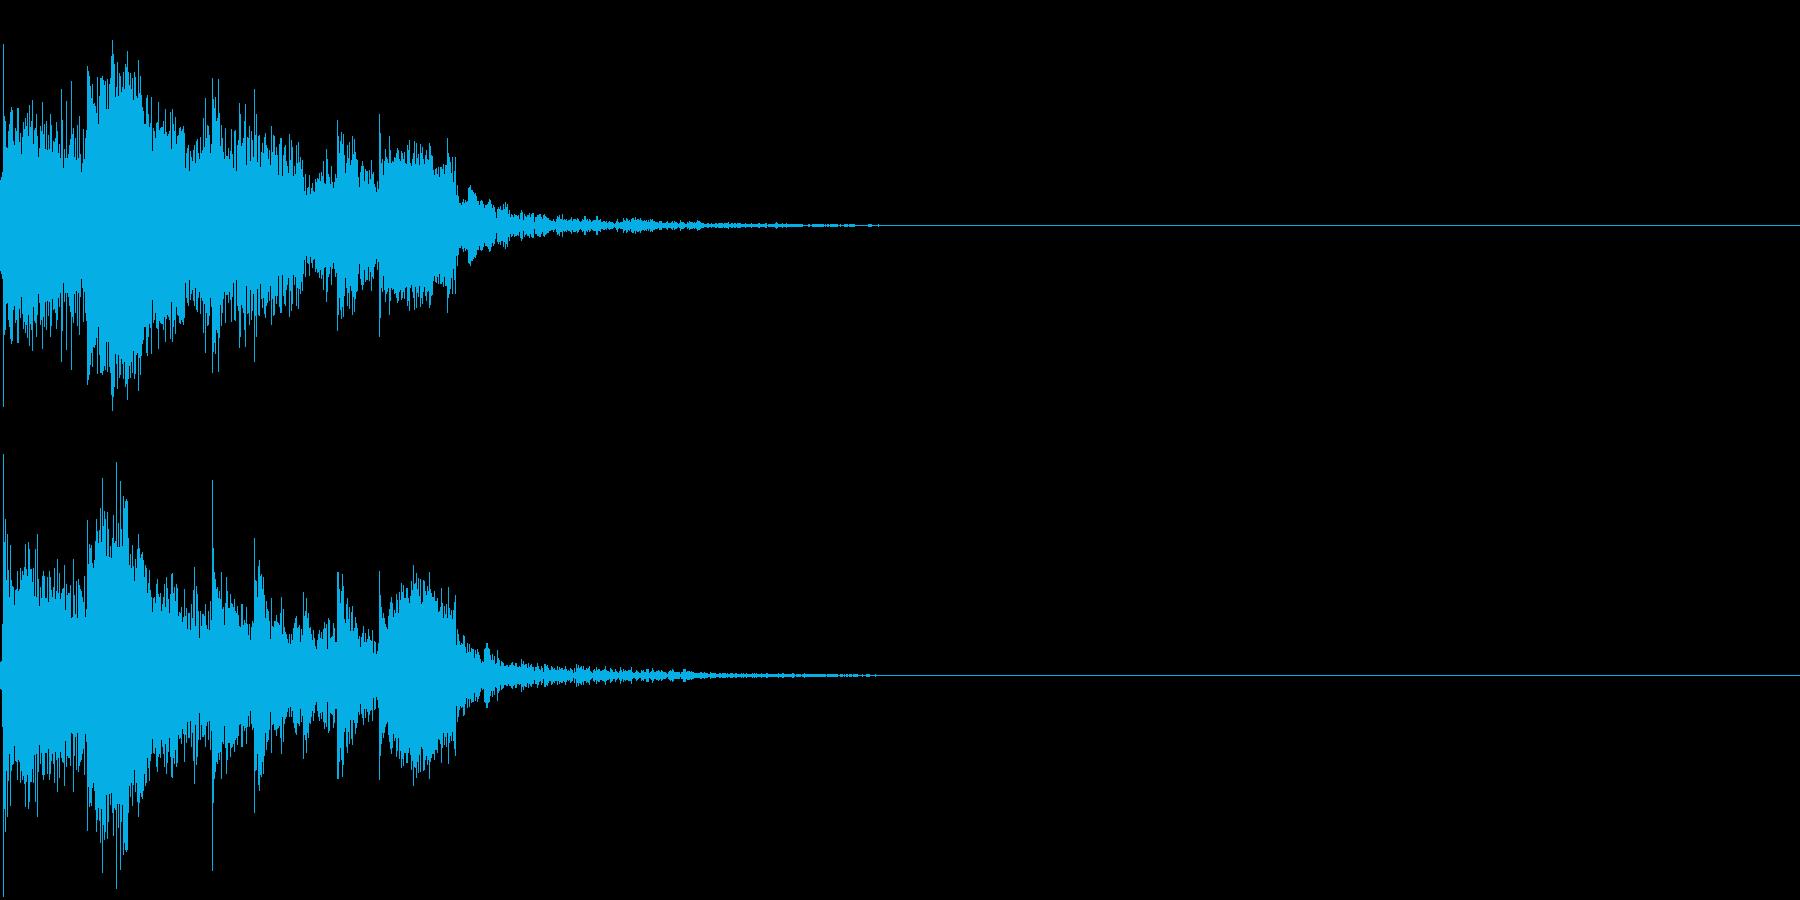 衝撃 金属音 恐怖 震撼 ホラー 12の再生済みの波形